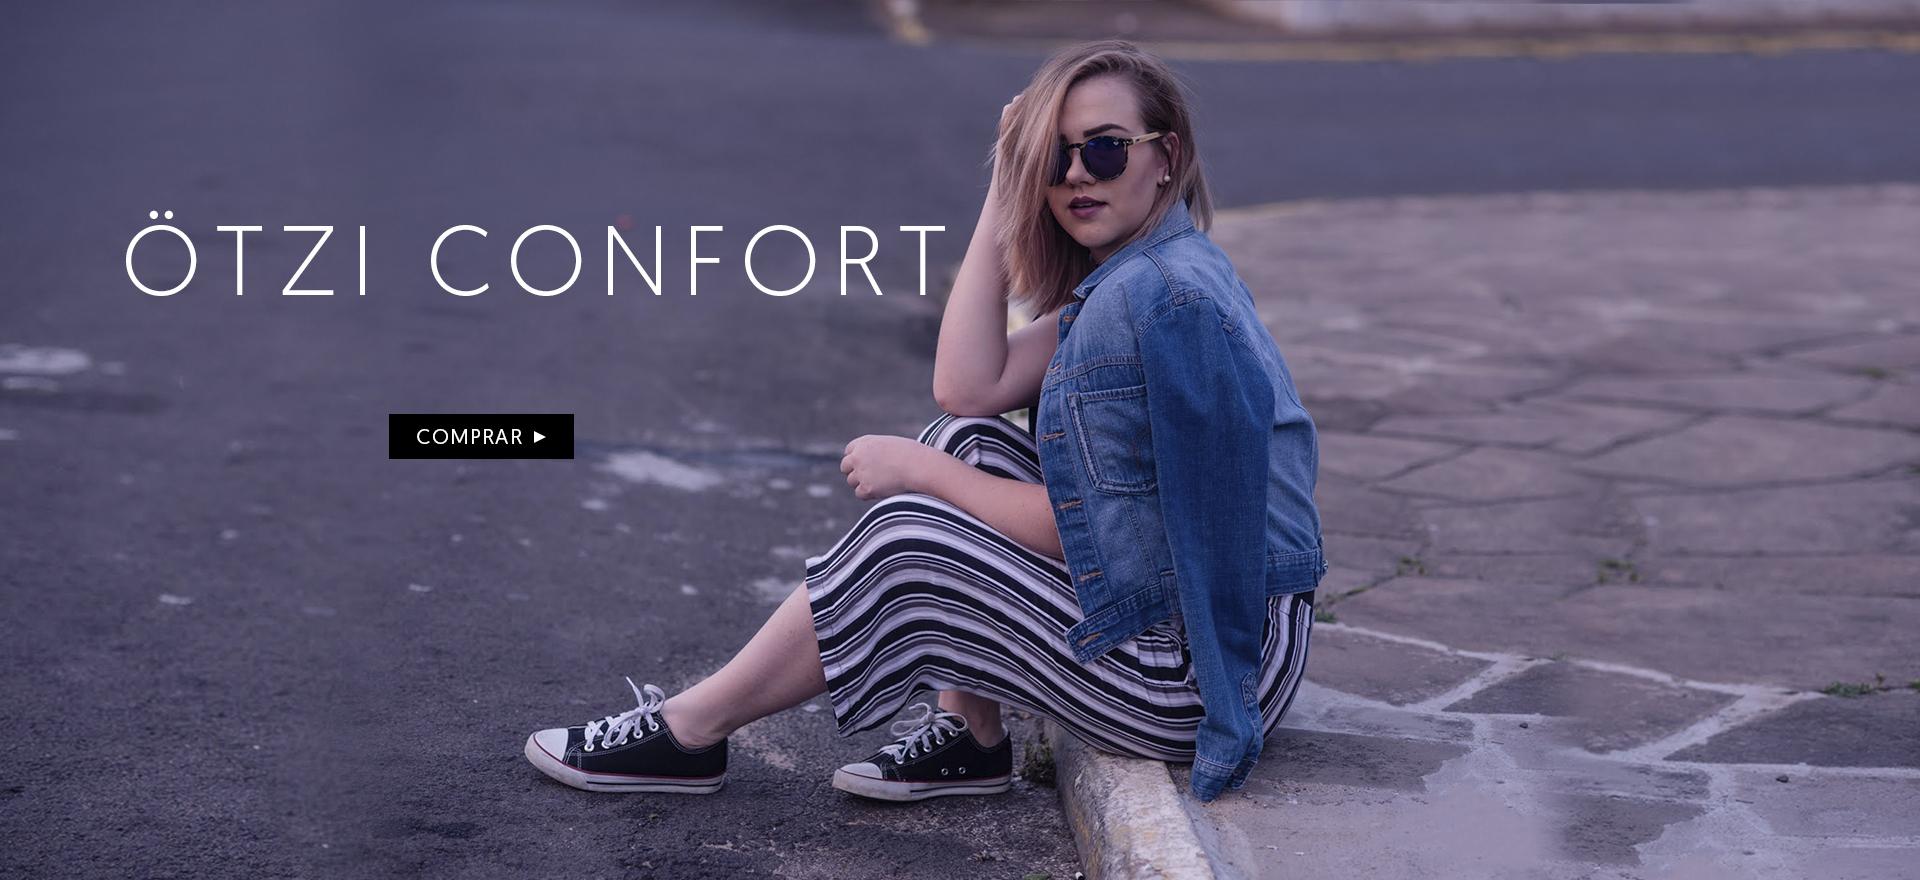 estilo e conforto